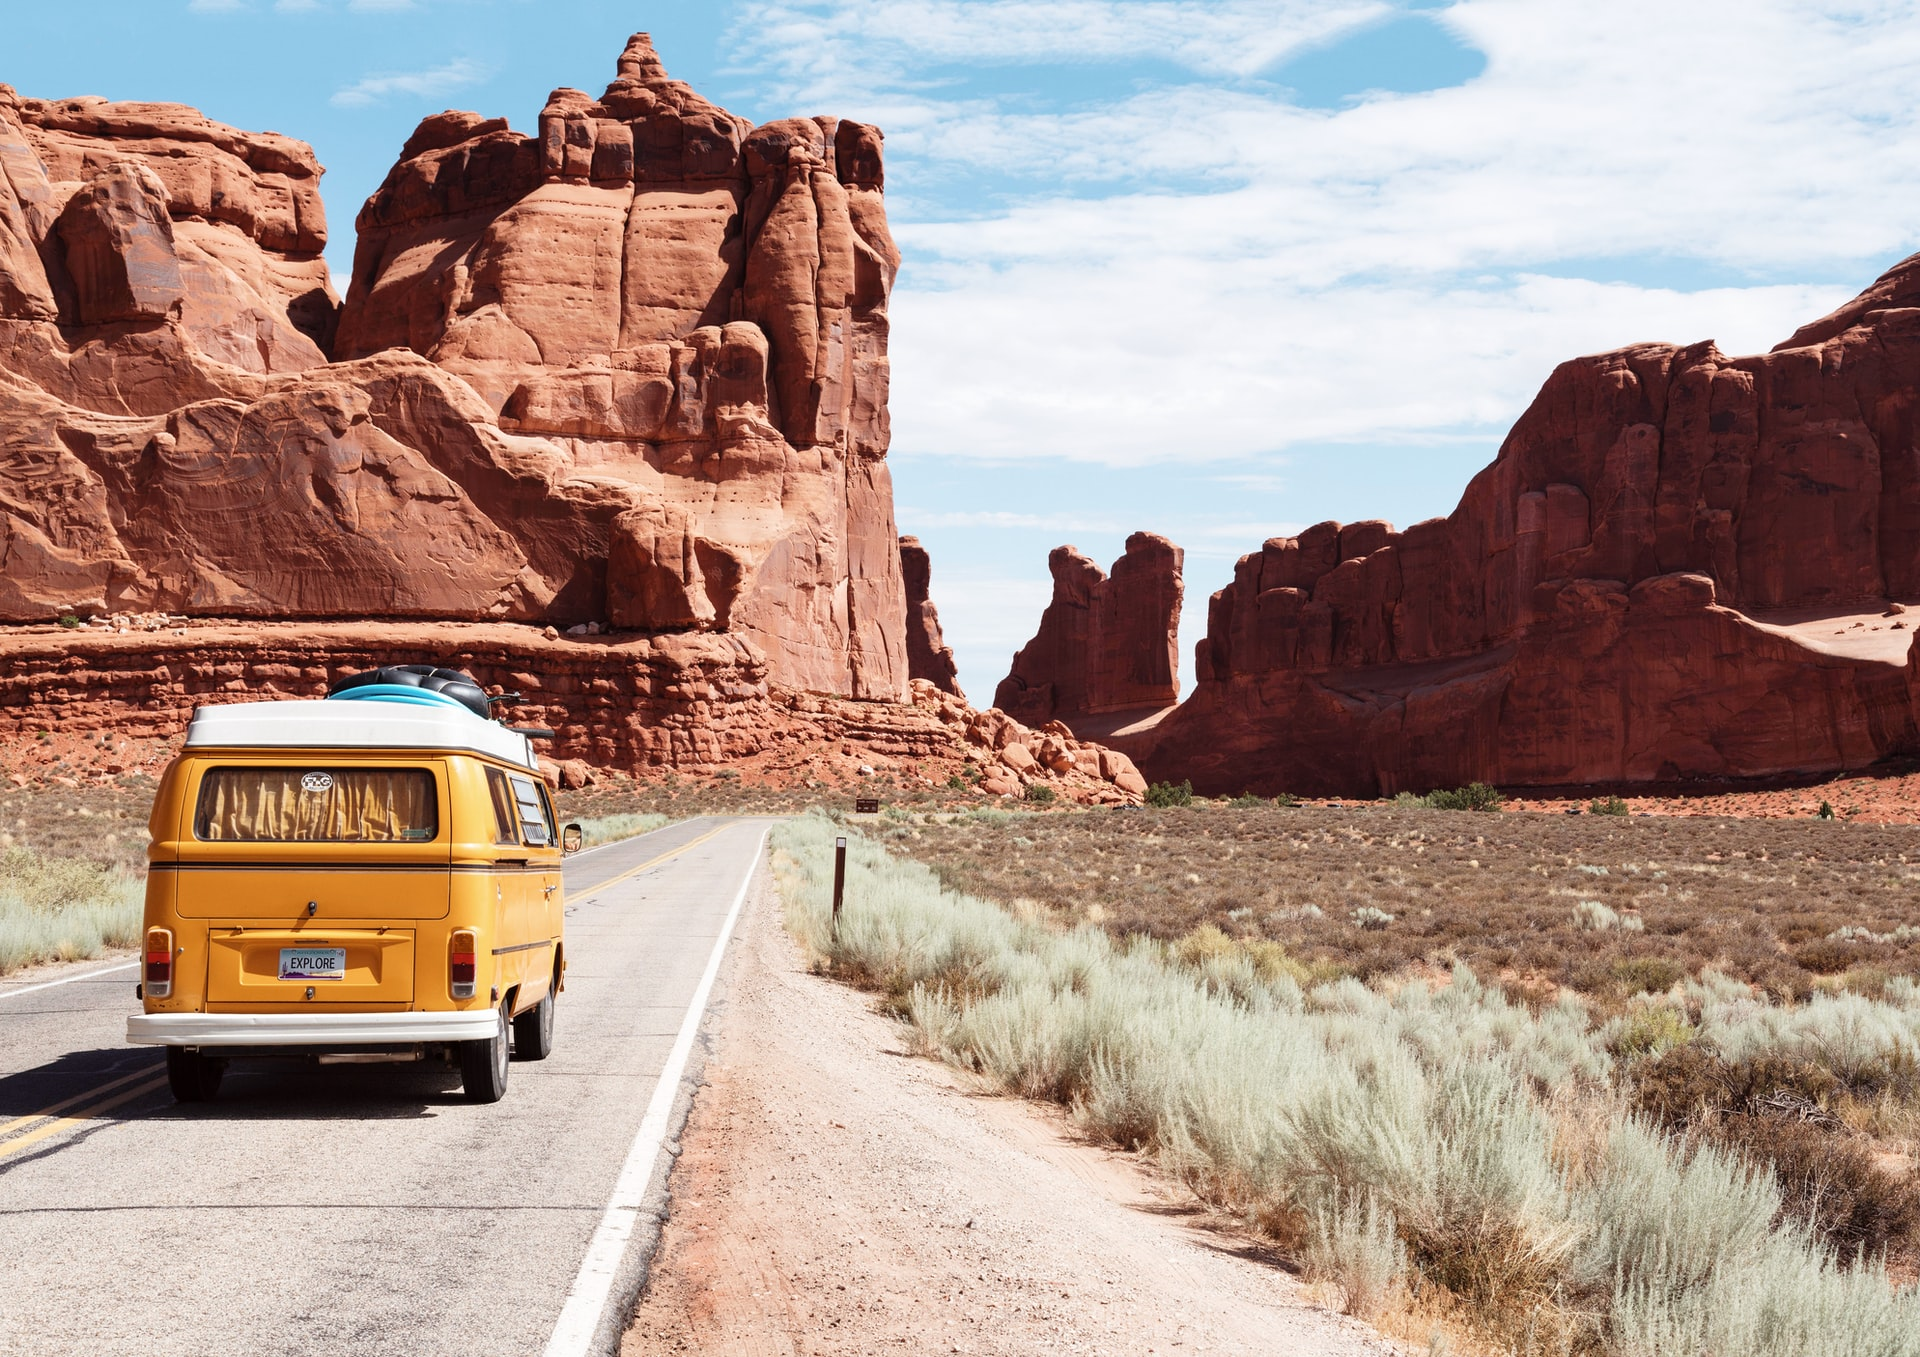 Partir en road trip : les 3 choses à ne pas oublier